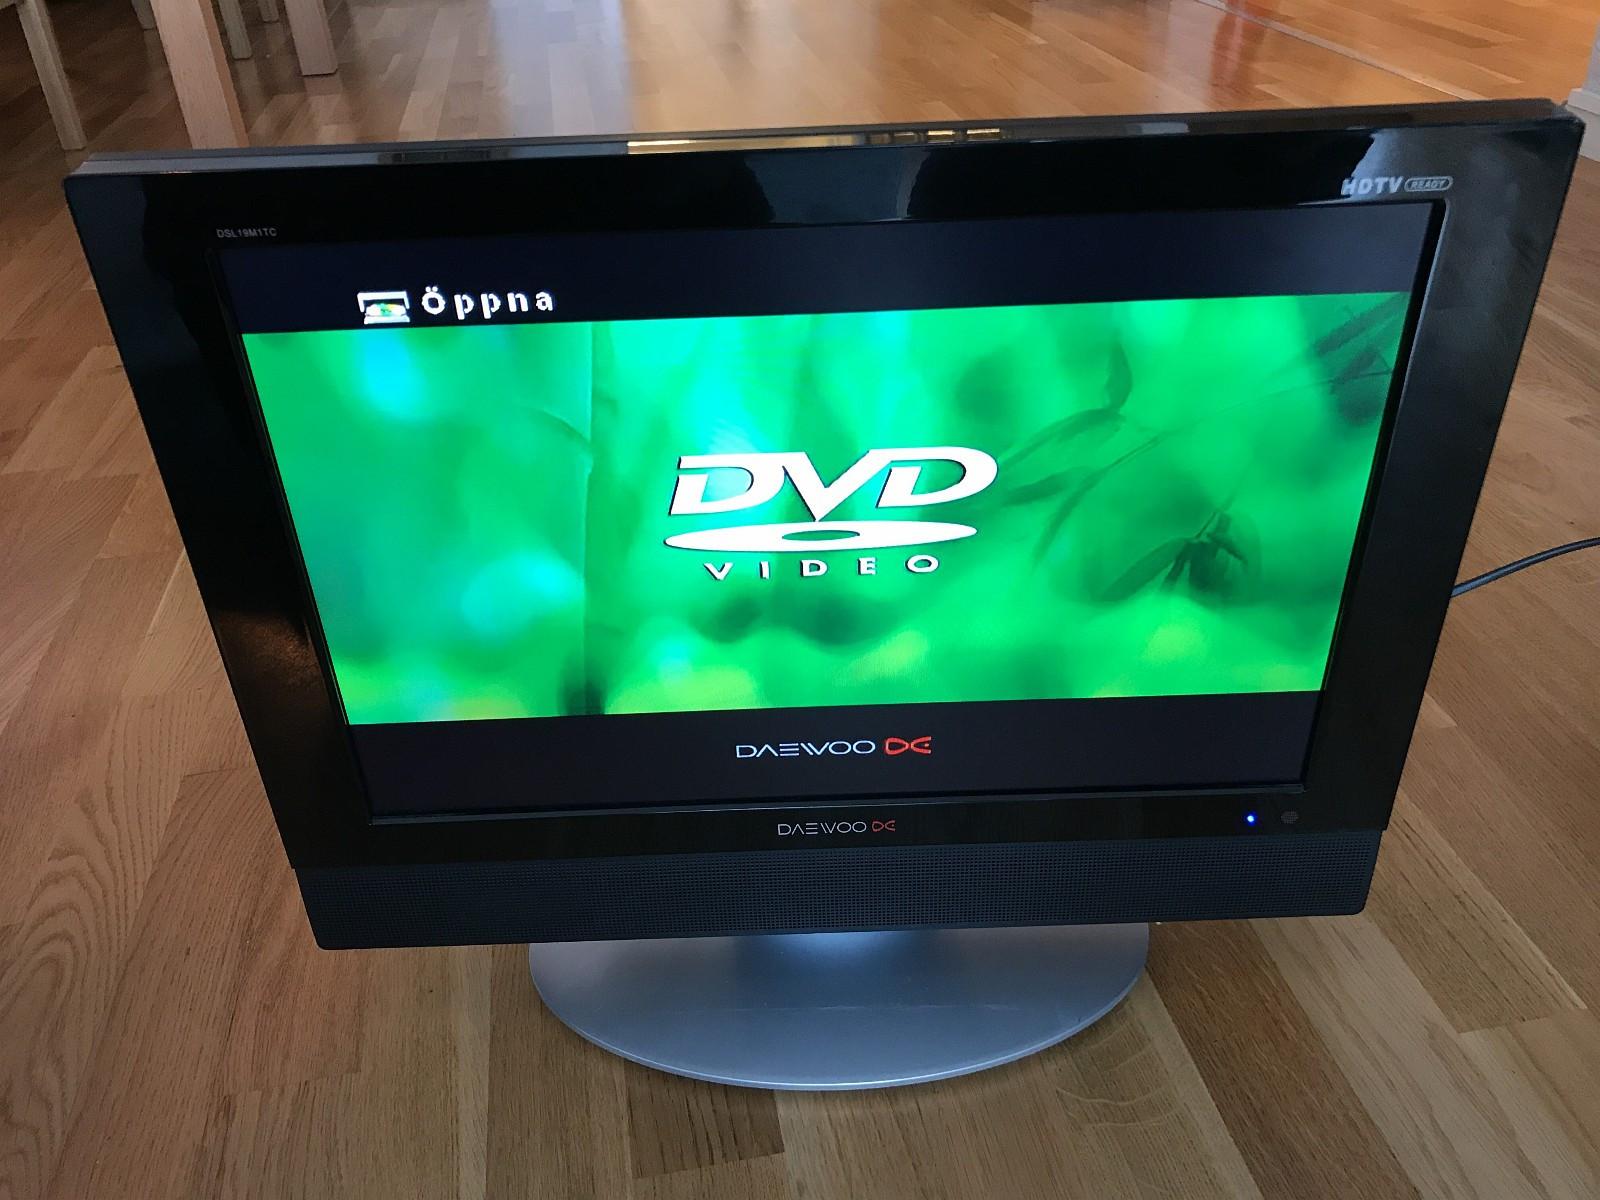 """Daewoo flatskjerm med innebygget DVD - Oslo  - 19"""" Daewoo TV med innebygget DVD spiller, minnekortleser (SD/MS/MMC) og USB-inngang.   Perfekt for hybelen!  Gis bort mot henting. - Oslo"""